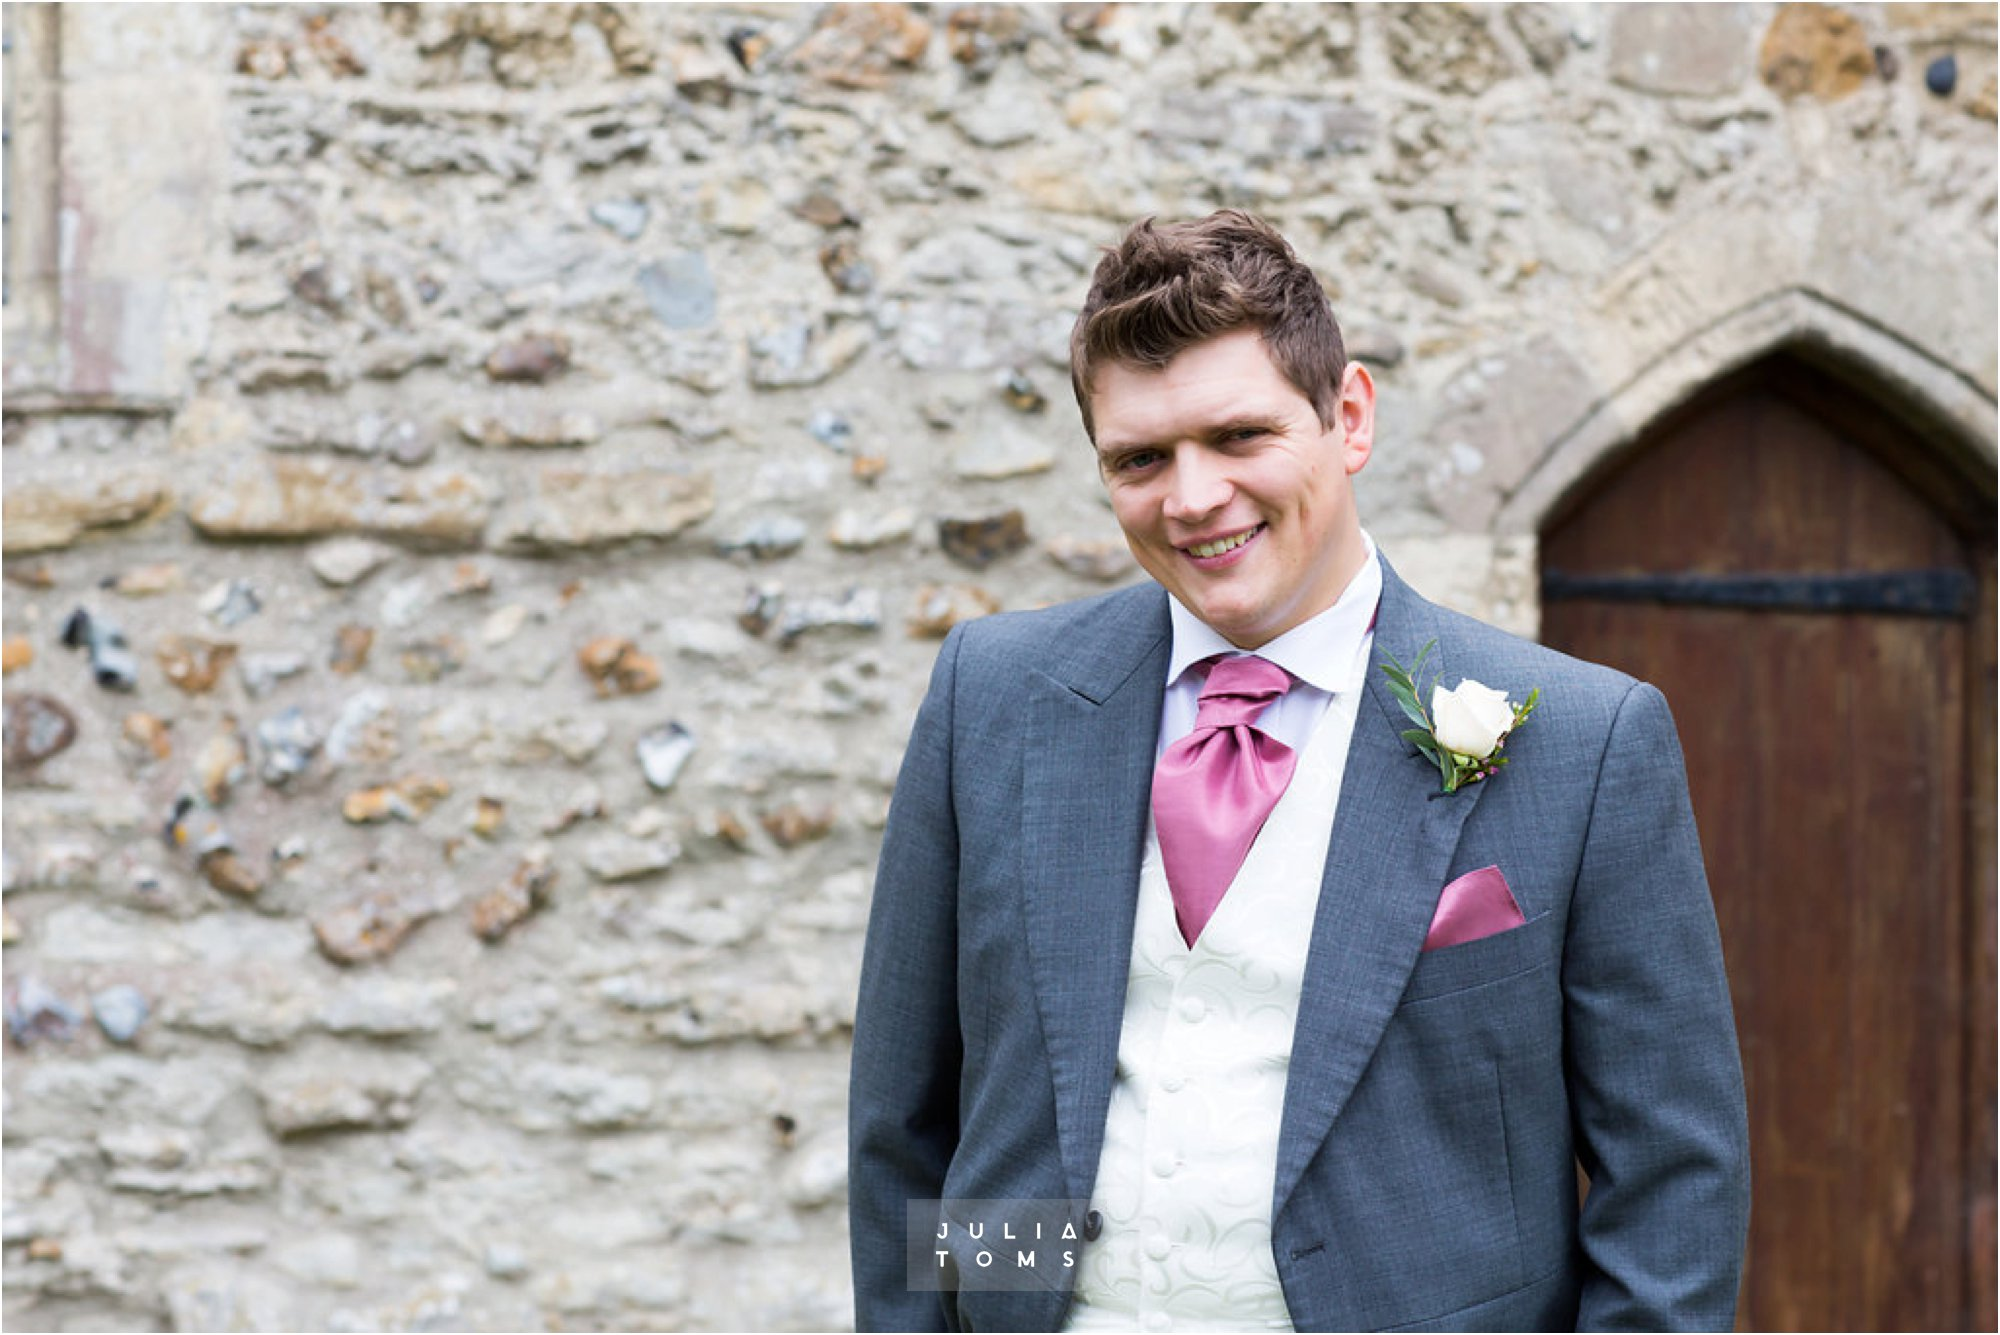 itchenor_wedding_chichester_photographer_019.jpg